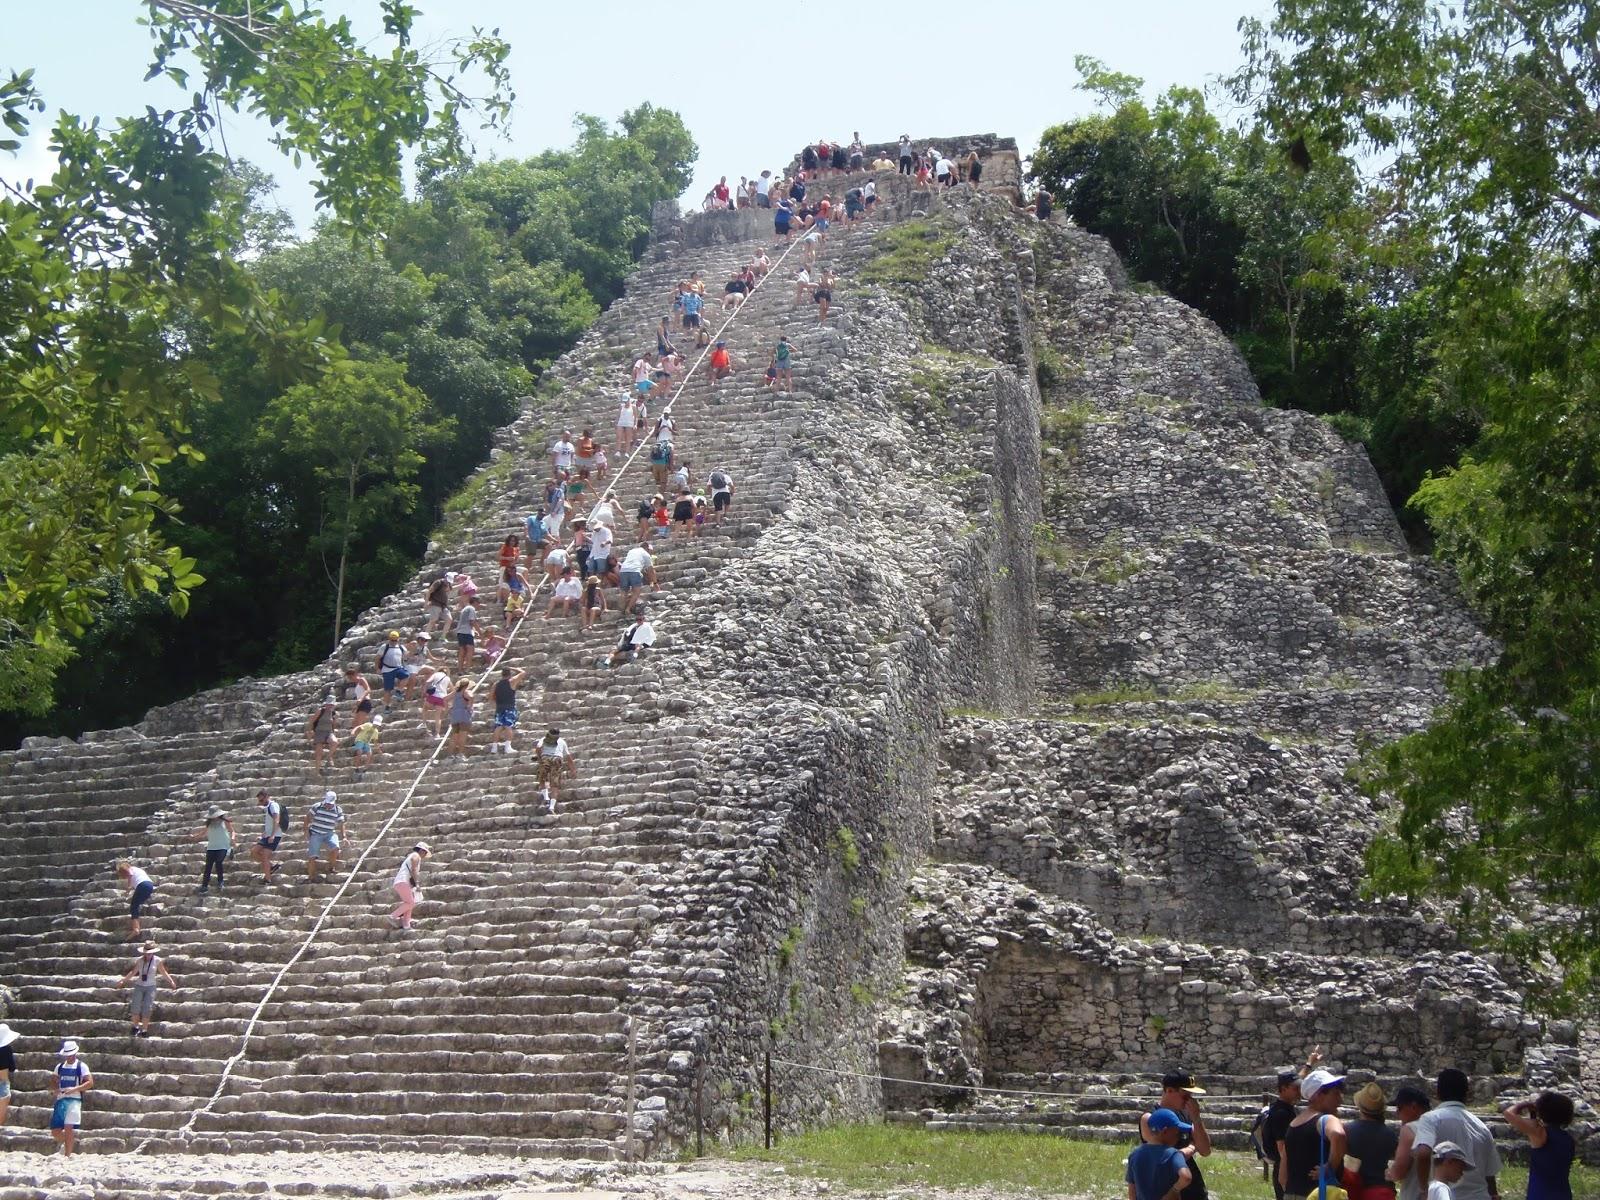 pyramid, climbing, mexico, mayan ruins, aztec, playa del carmen, holiday, travel, traveling, backpacking,